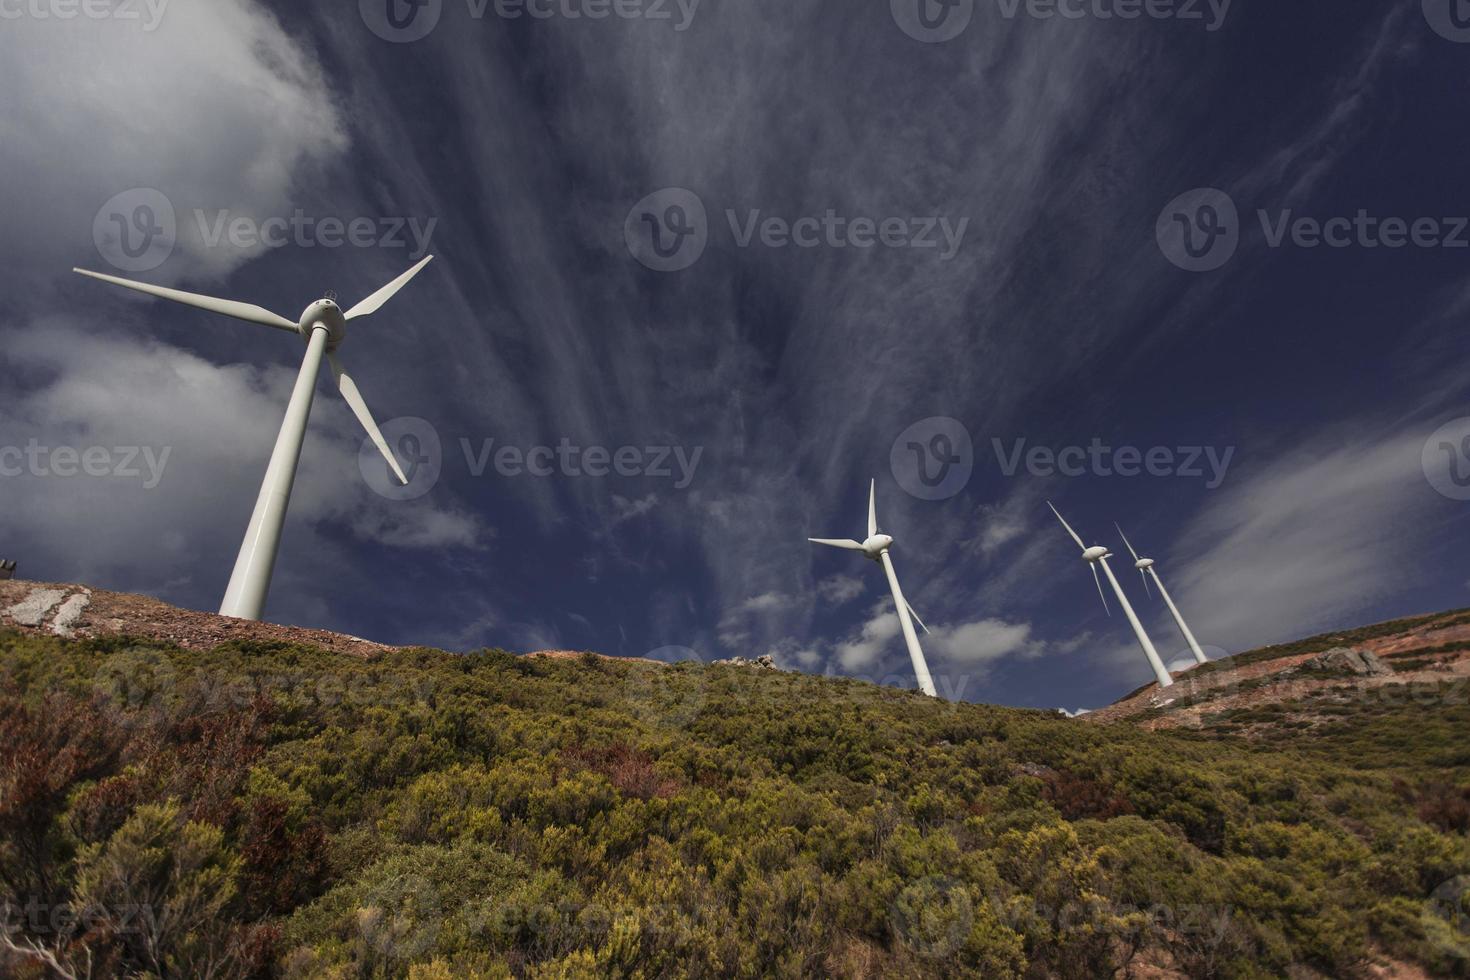 Reihe von Windkraftanlagen zwischen grünen Büschen foto